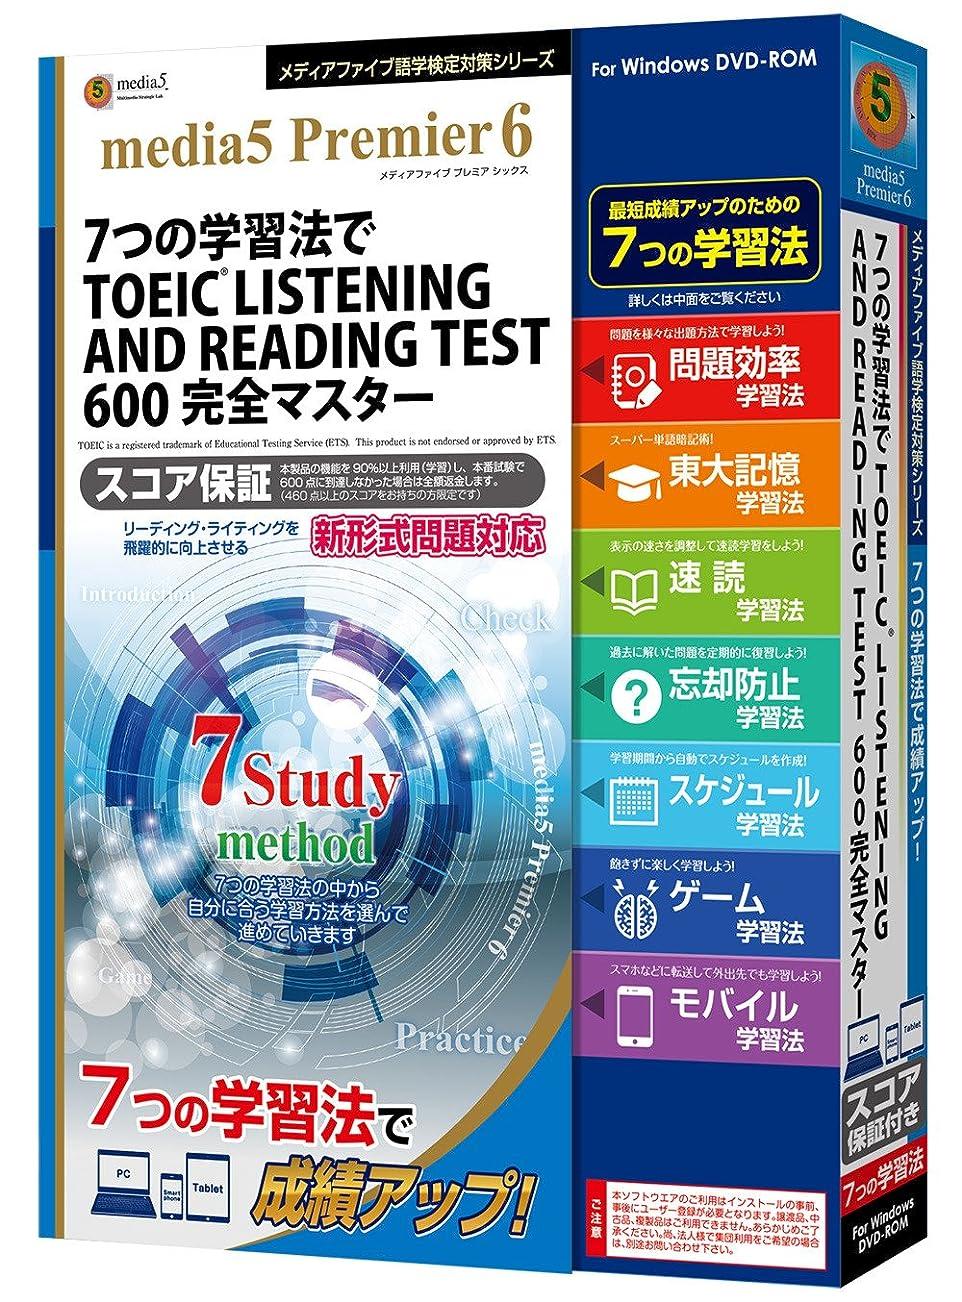 ケージ測る本当に超字幕/FRIENDS SEASON 1 EPISODES 1-3(新価格版)